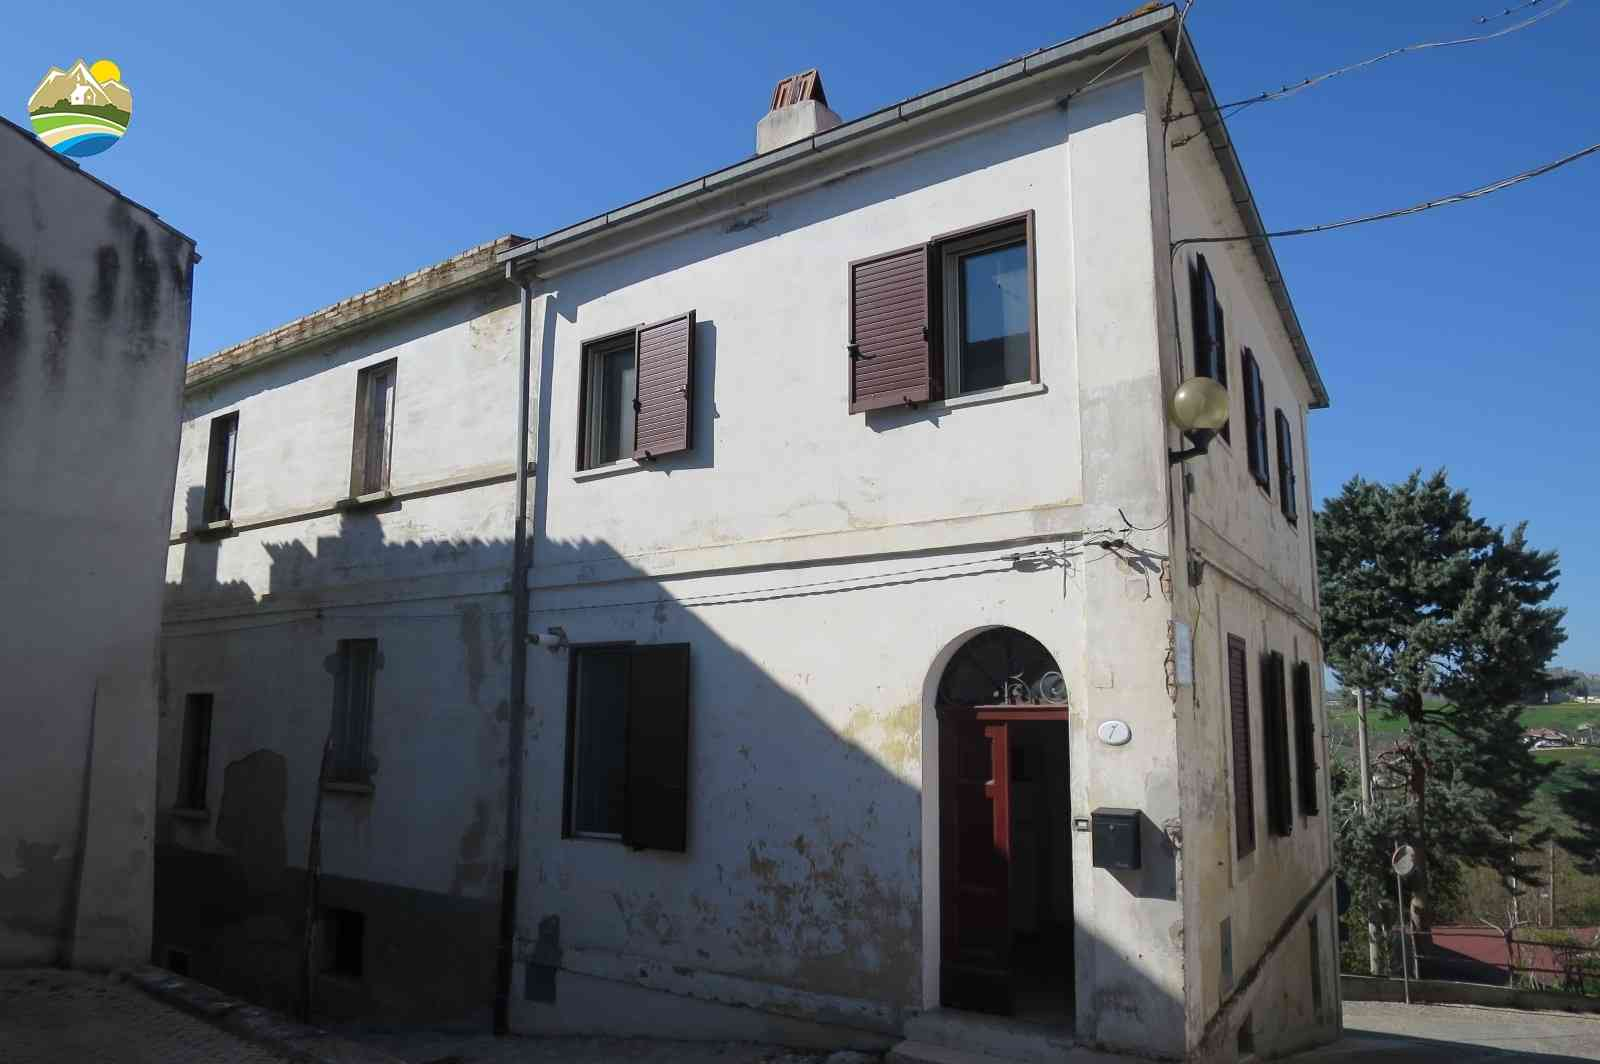 Casa in paese Casa Luisa - Elice - EUR 130.641